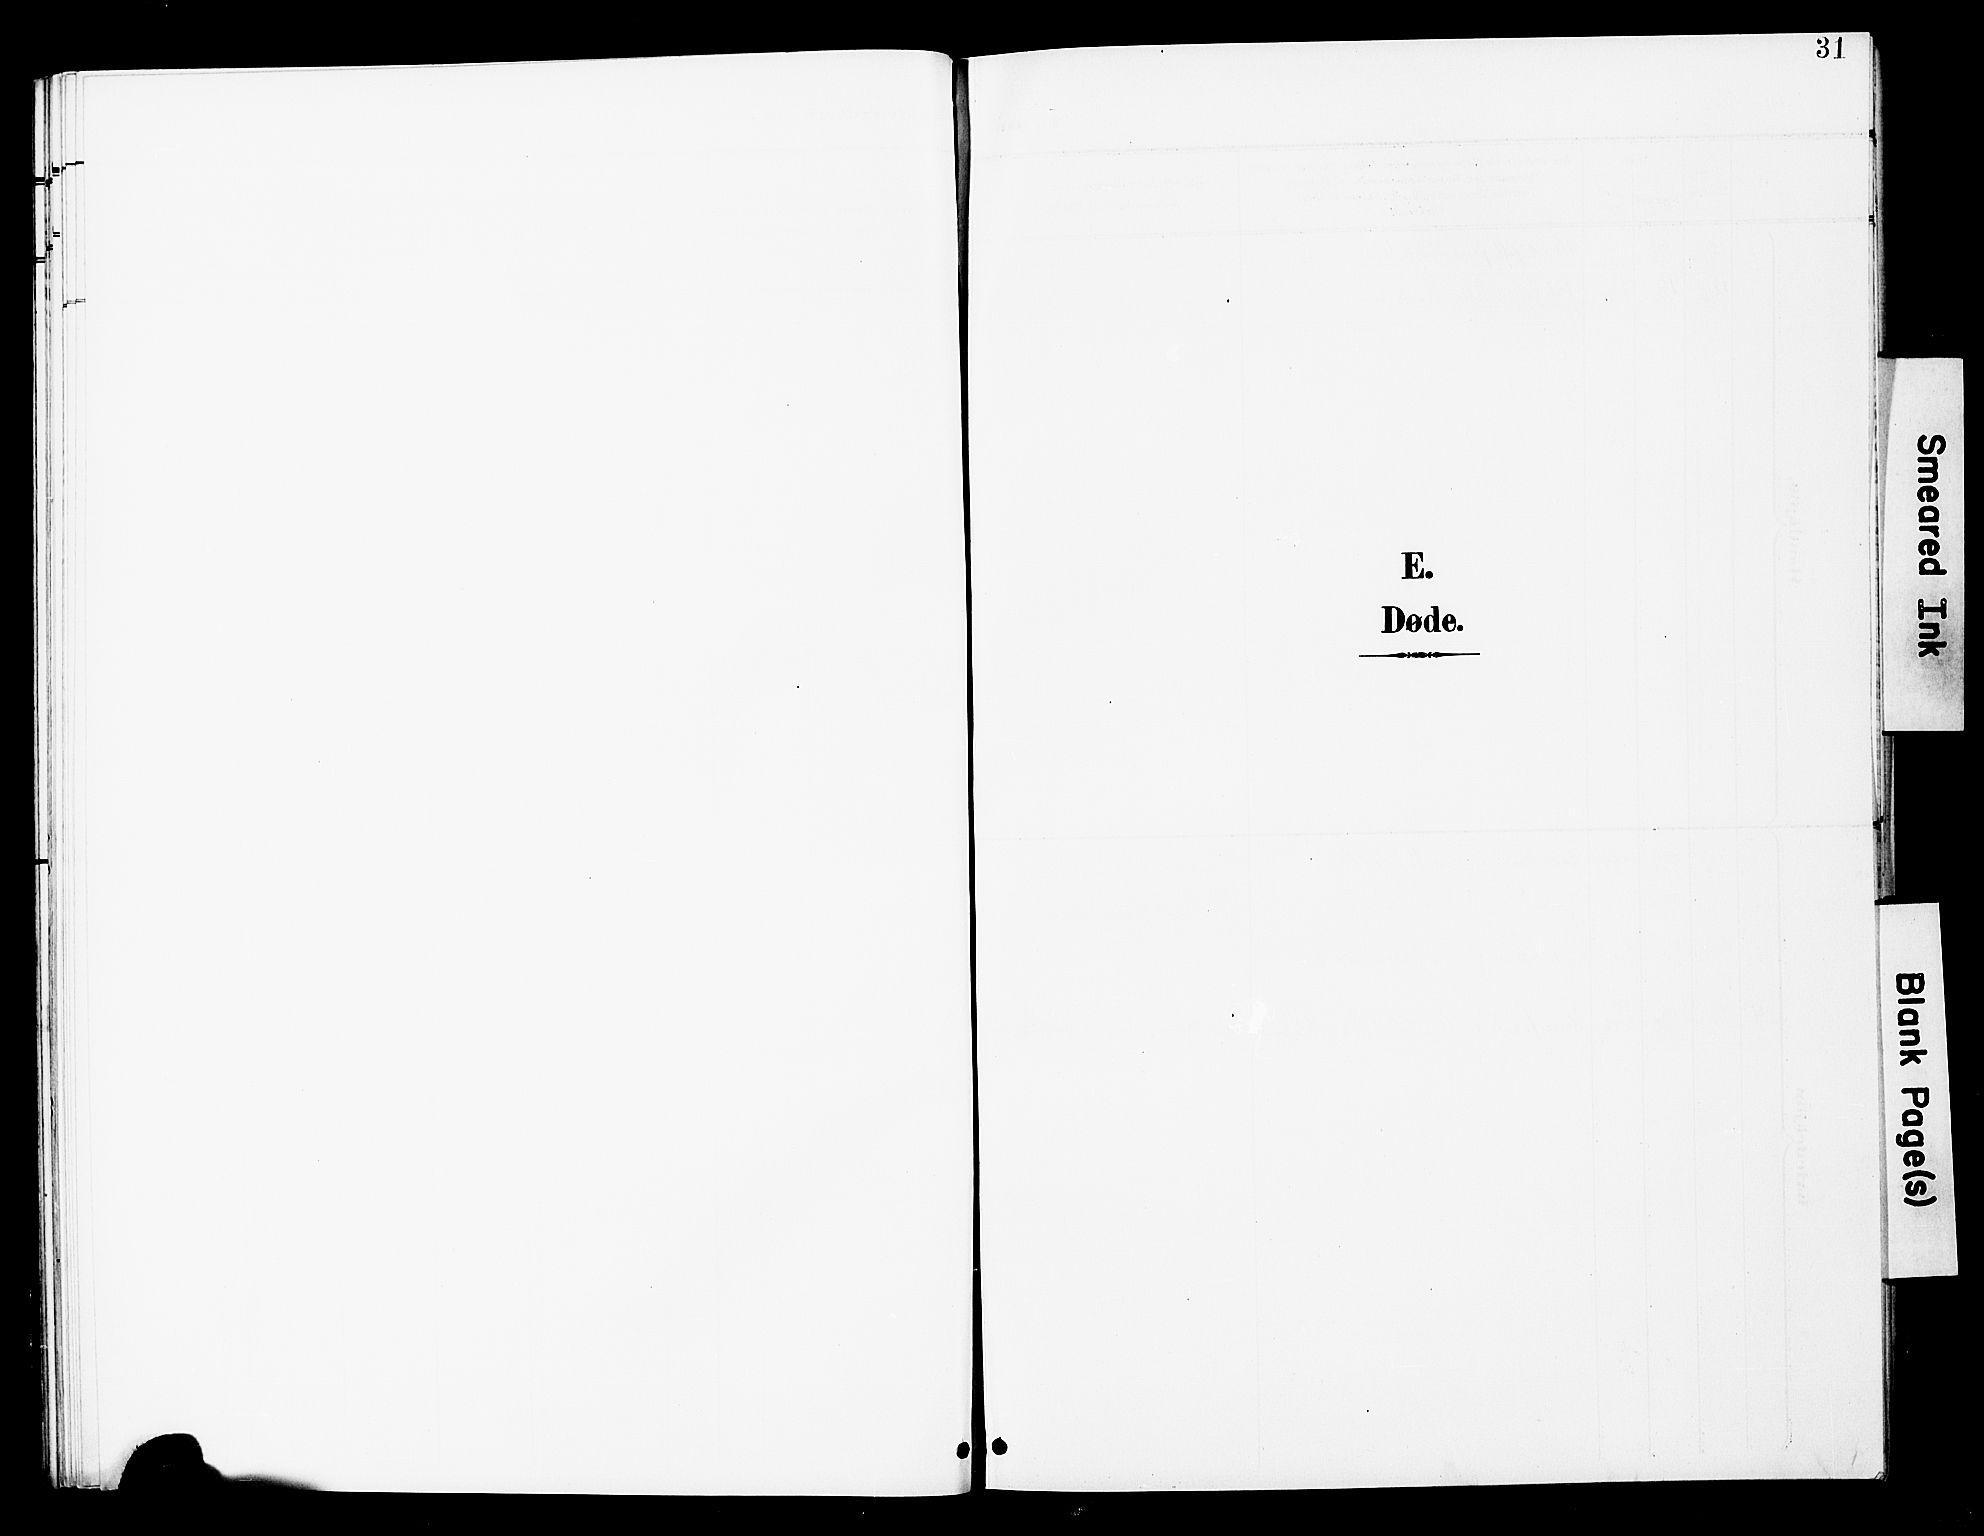 SAT, Ministerialprotokoller, klokkerbøker og fødselsregistre - Nord-Trøndelag, 748/L0464: Ministerialbok nr. 748A01, 1900-1908, s. 31